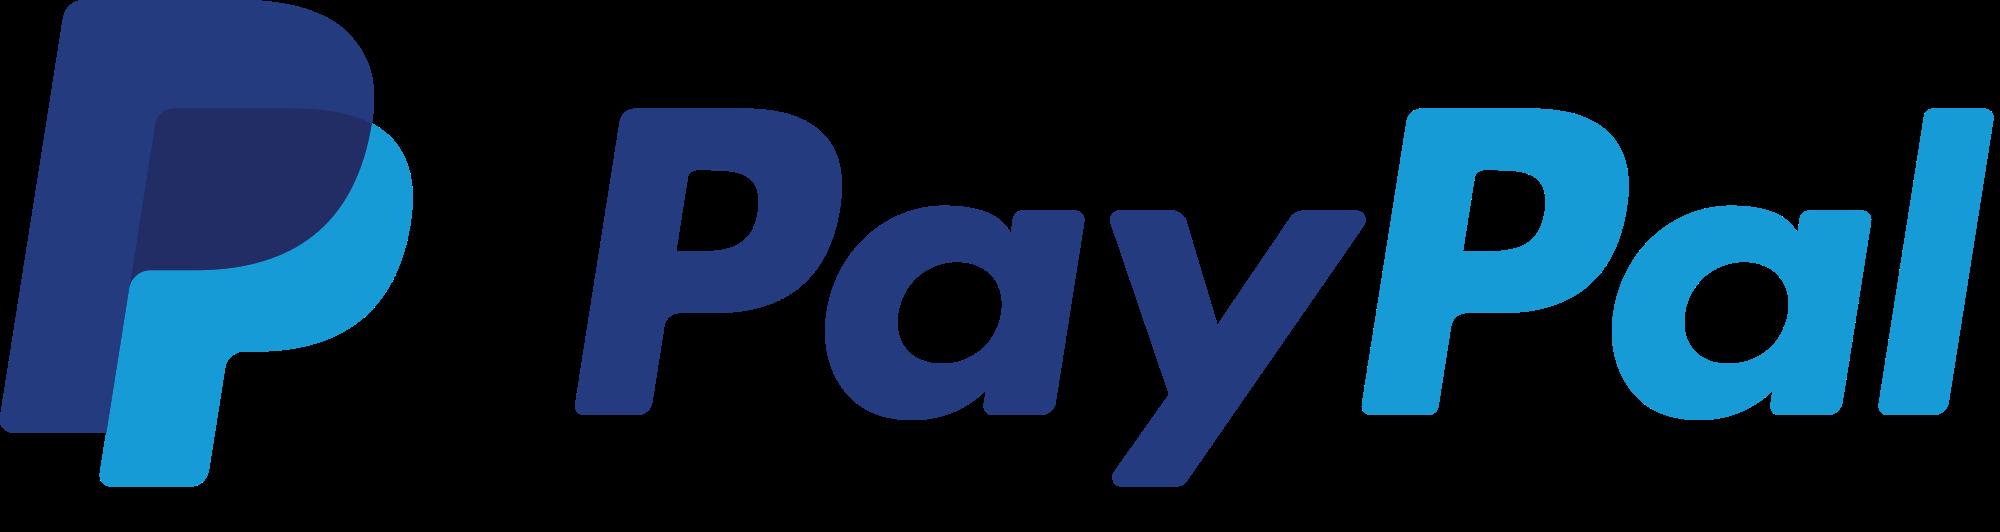 You-can-now-accept-PayPal-through-eMerchantPay.png